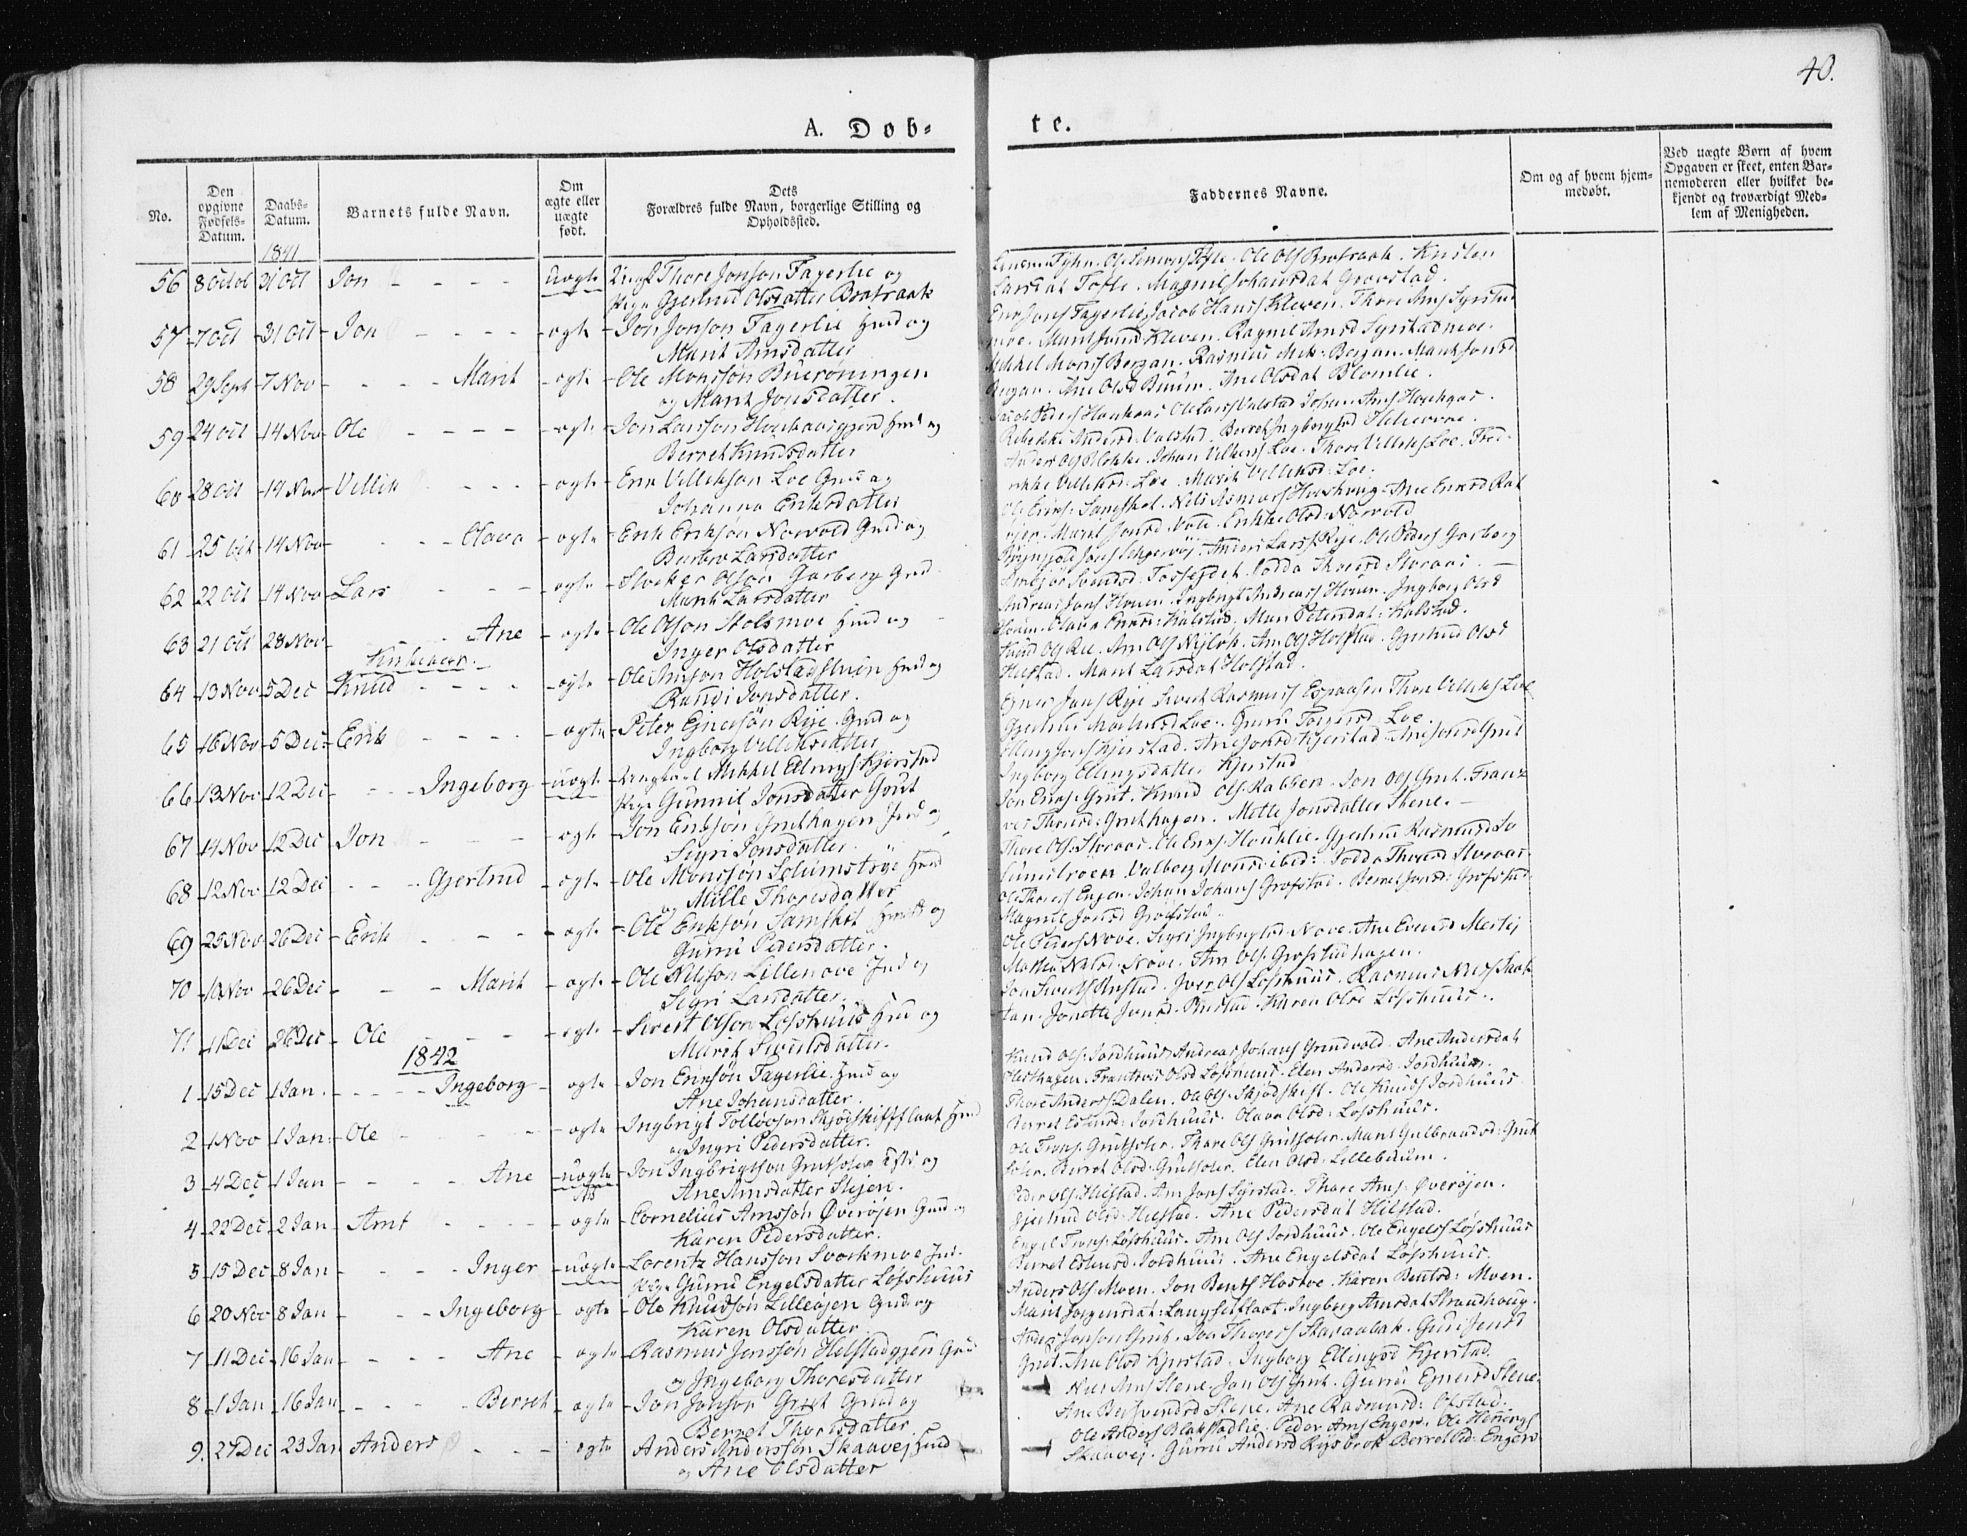 SAT, Ministerialprotokoller, klokkerbøker og fødselsregistre - Sør-Trøndelag, 672/L0855: Ministerialbok nr. 672A07, 1829-1860, s. 40